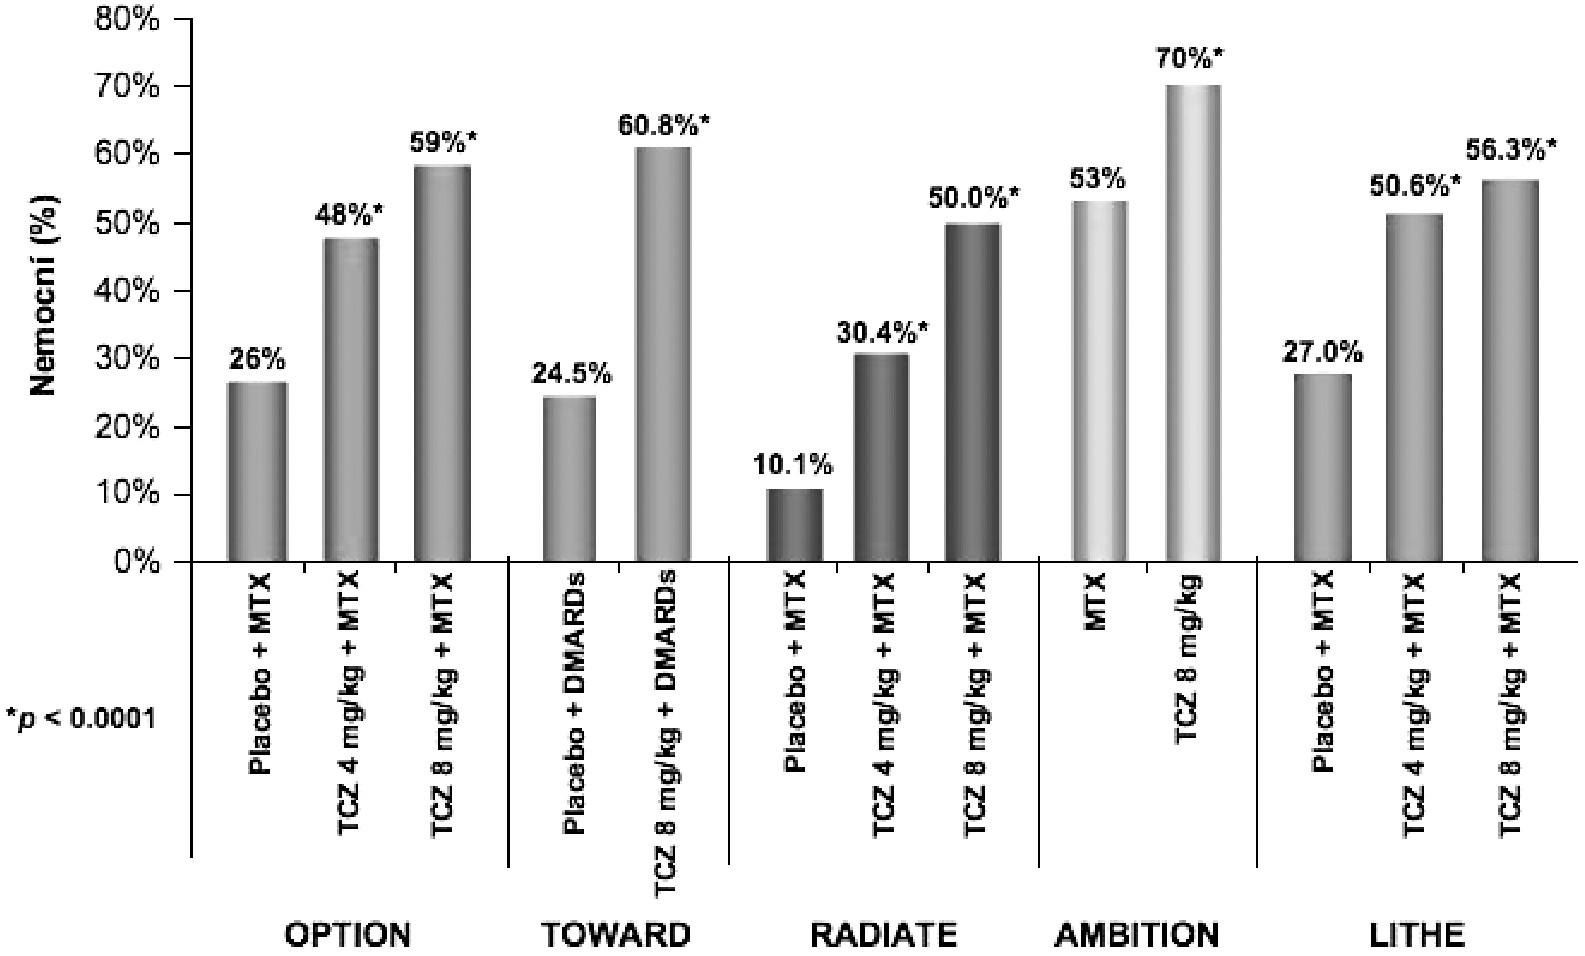 Podíl nemocných v jednotlivých klinických hodnoceních III. fáze klinického zkoušení, kteří dosáhli klinické odpovědi ACR20. TCZ tocilizumab MTX metotrexát DMARDs chorobu modifikující léky